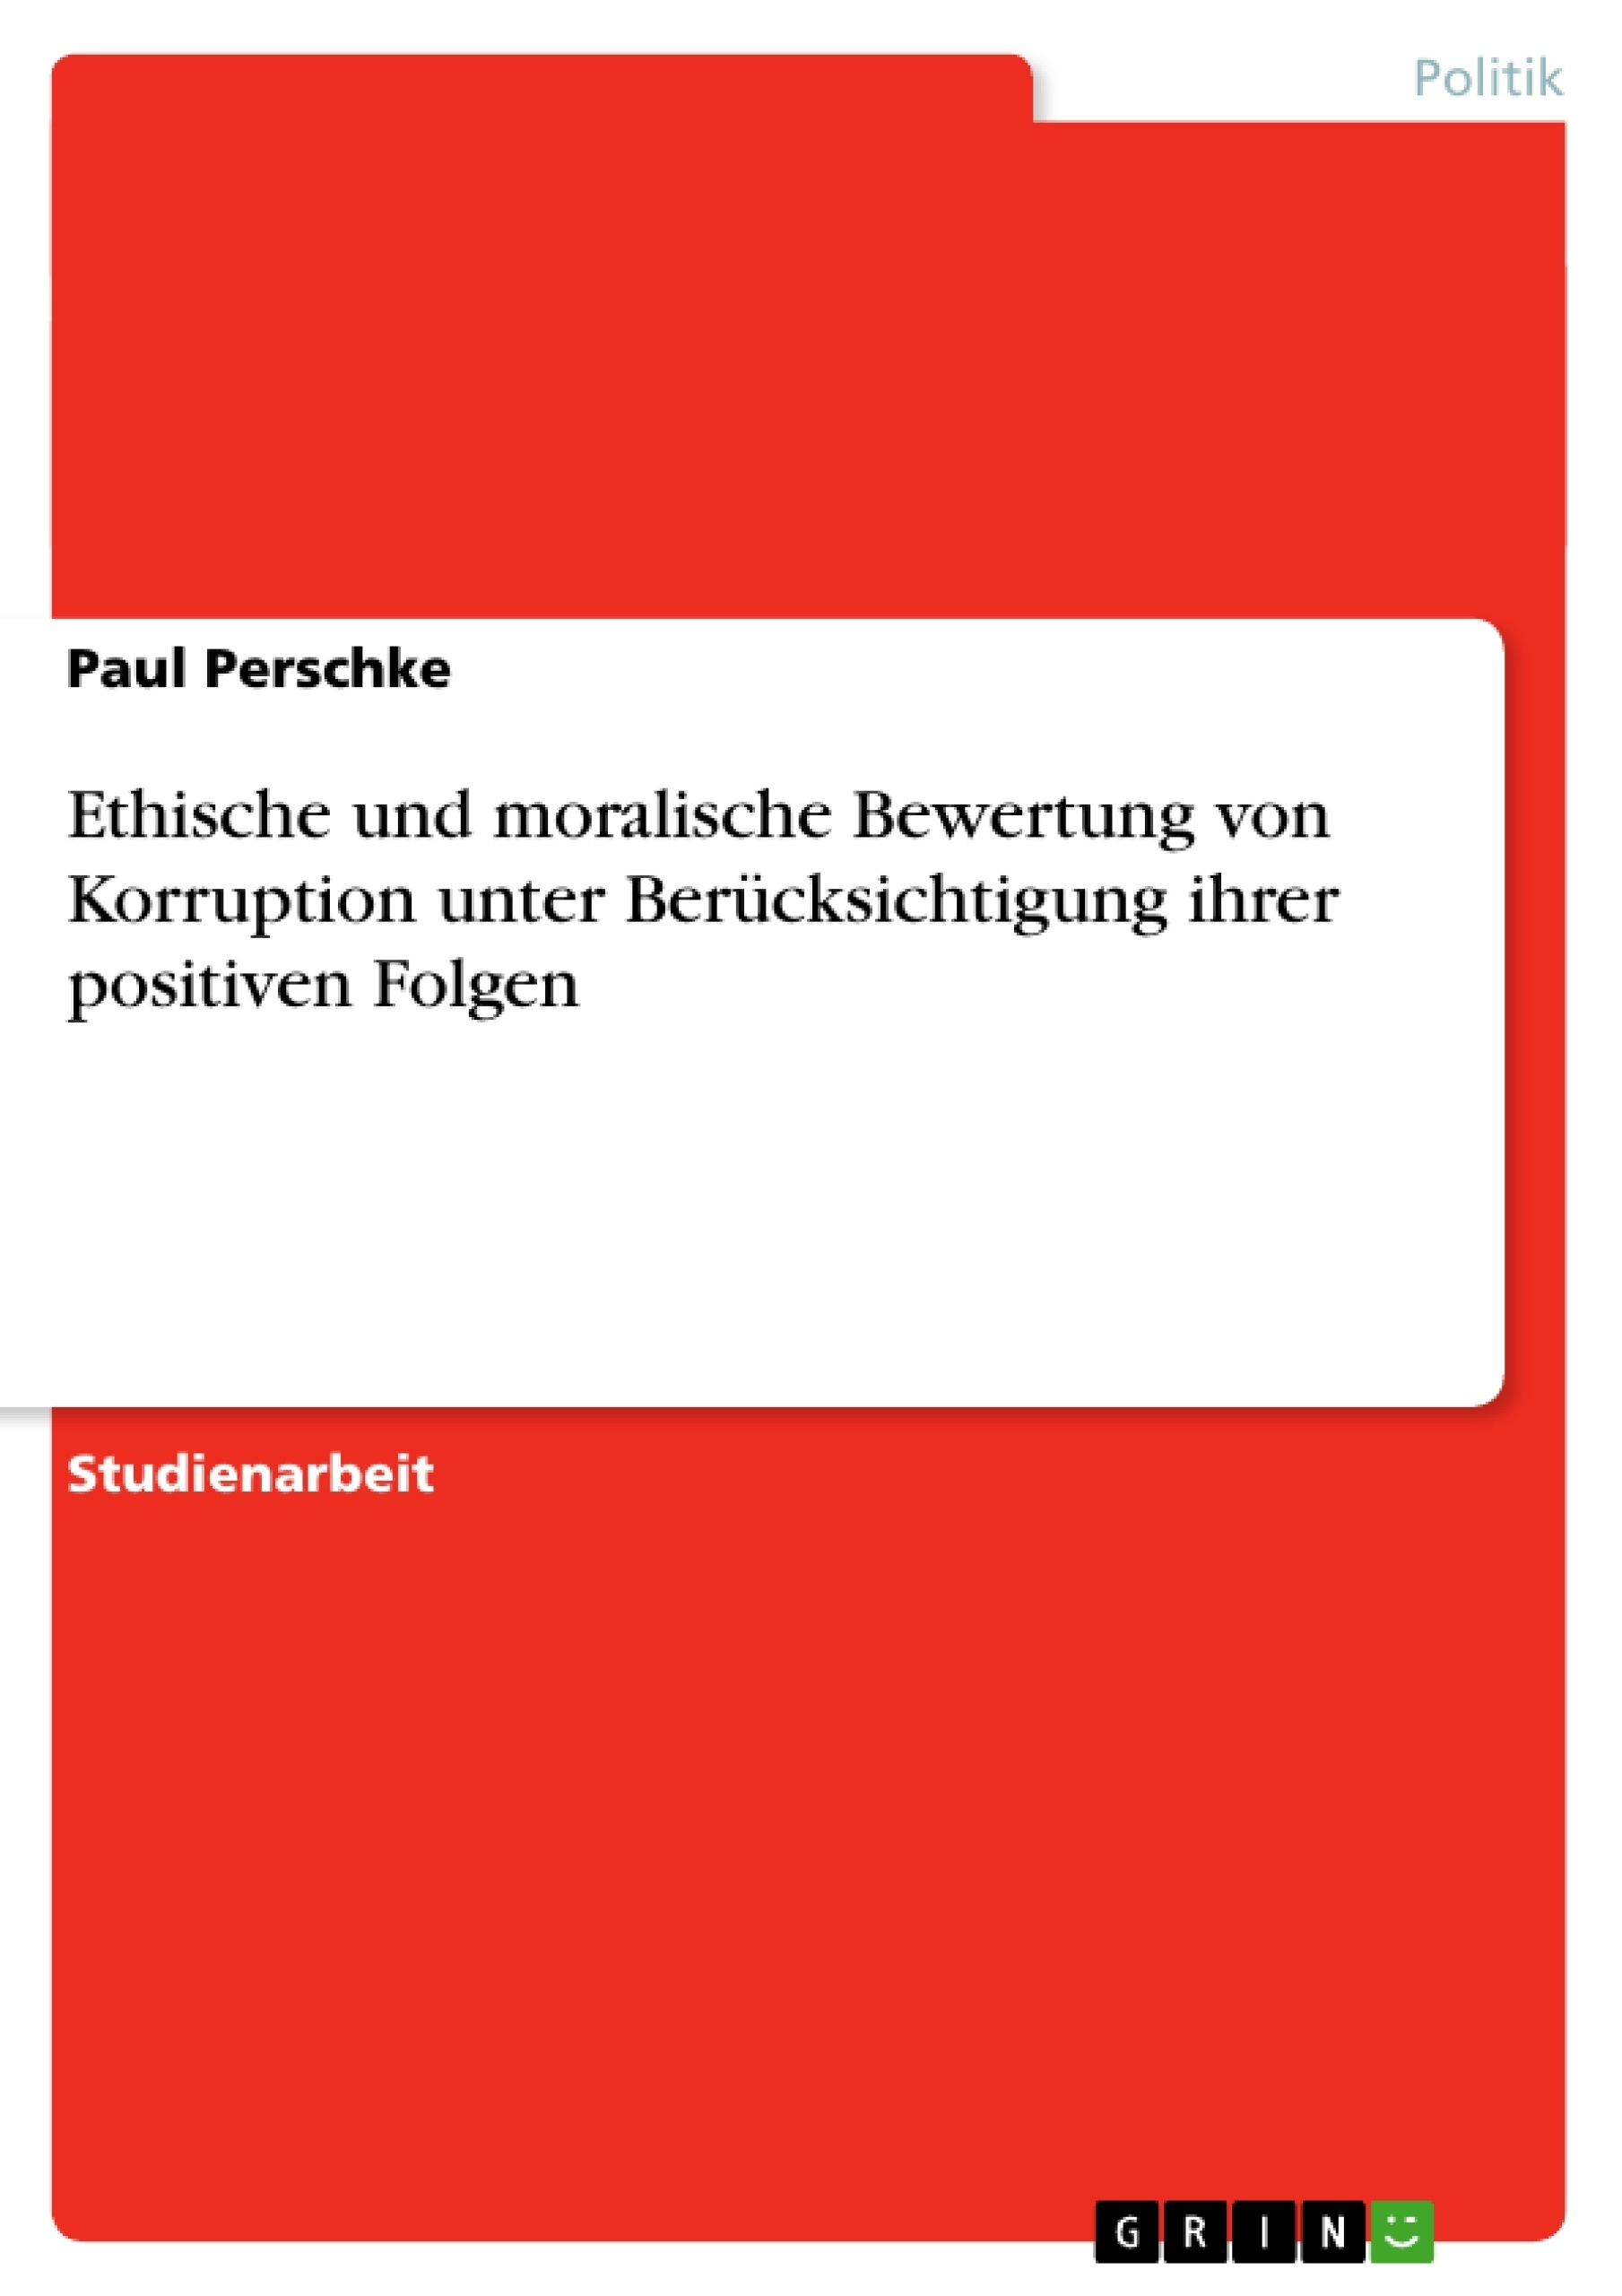 Titel: Ethische und moralische Bewertung von Korruption unter Berücksichtigung ihrer positiven Folgen